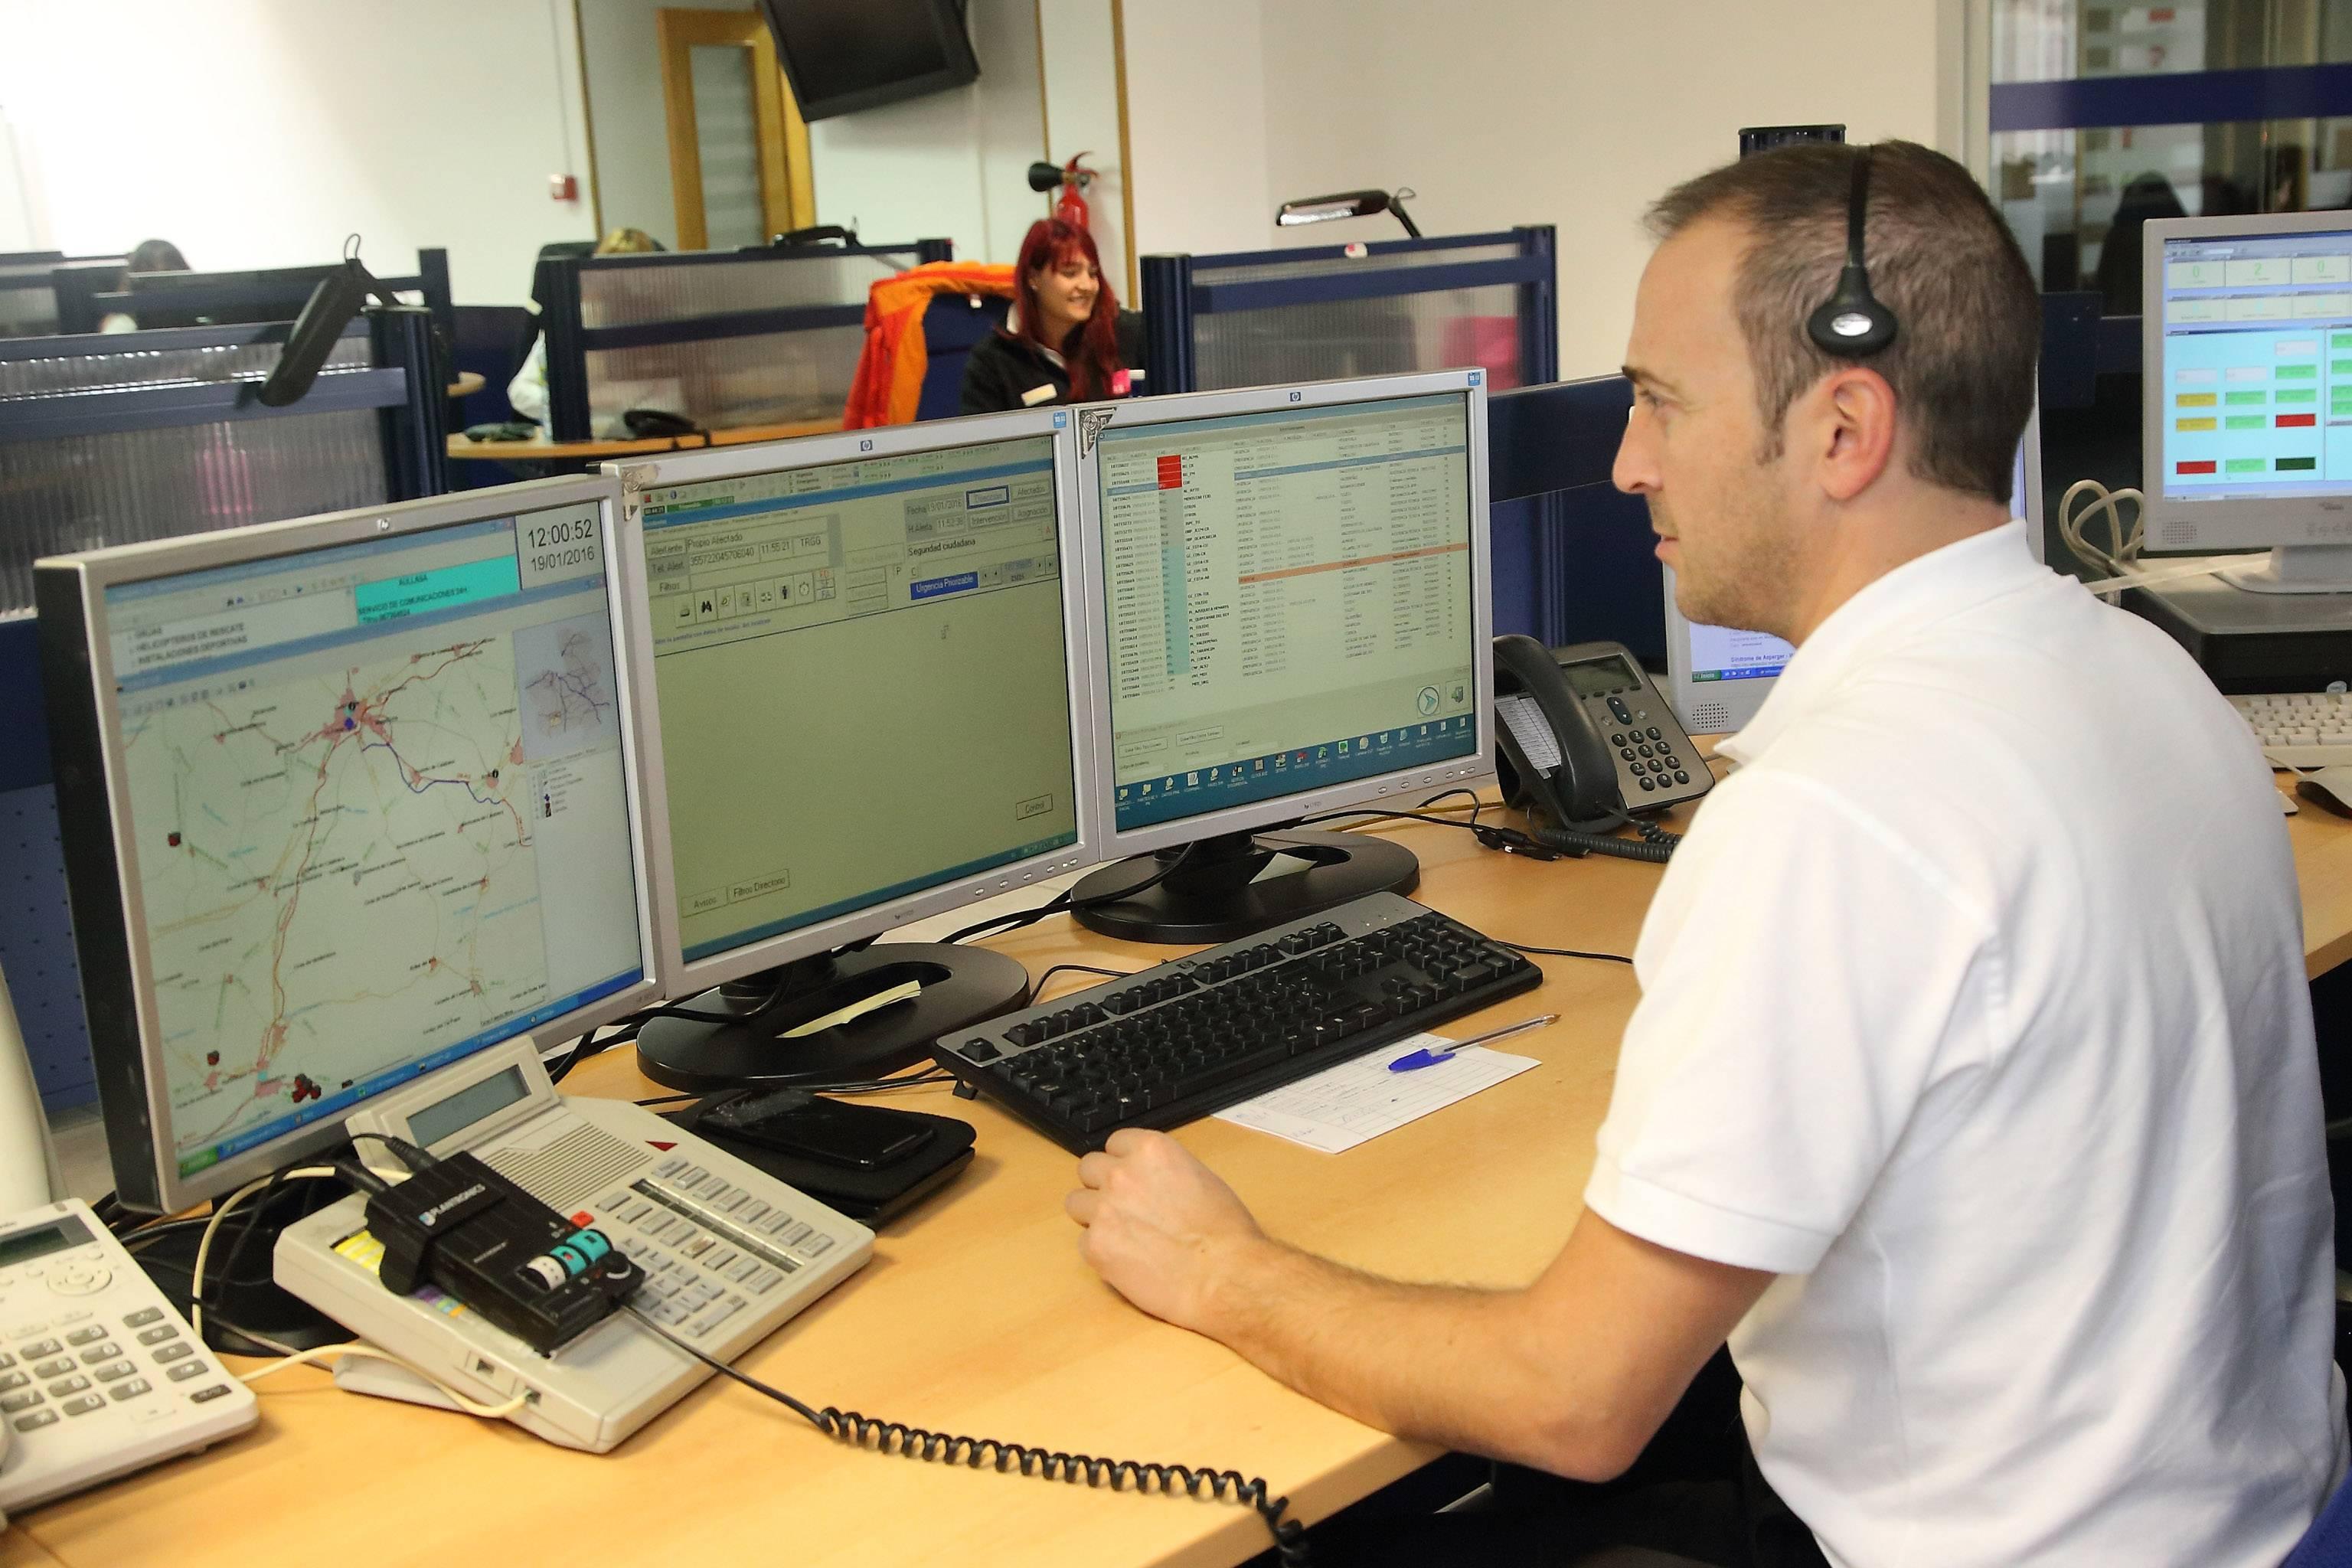 servicios de emergencias 112 castilla la mancha - El Servicio de Emergencias y Urgencias 112 coordinó planes especiales del pasado año